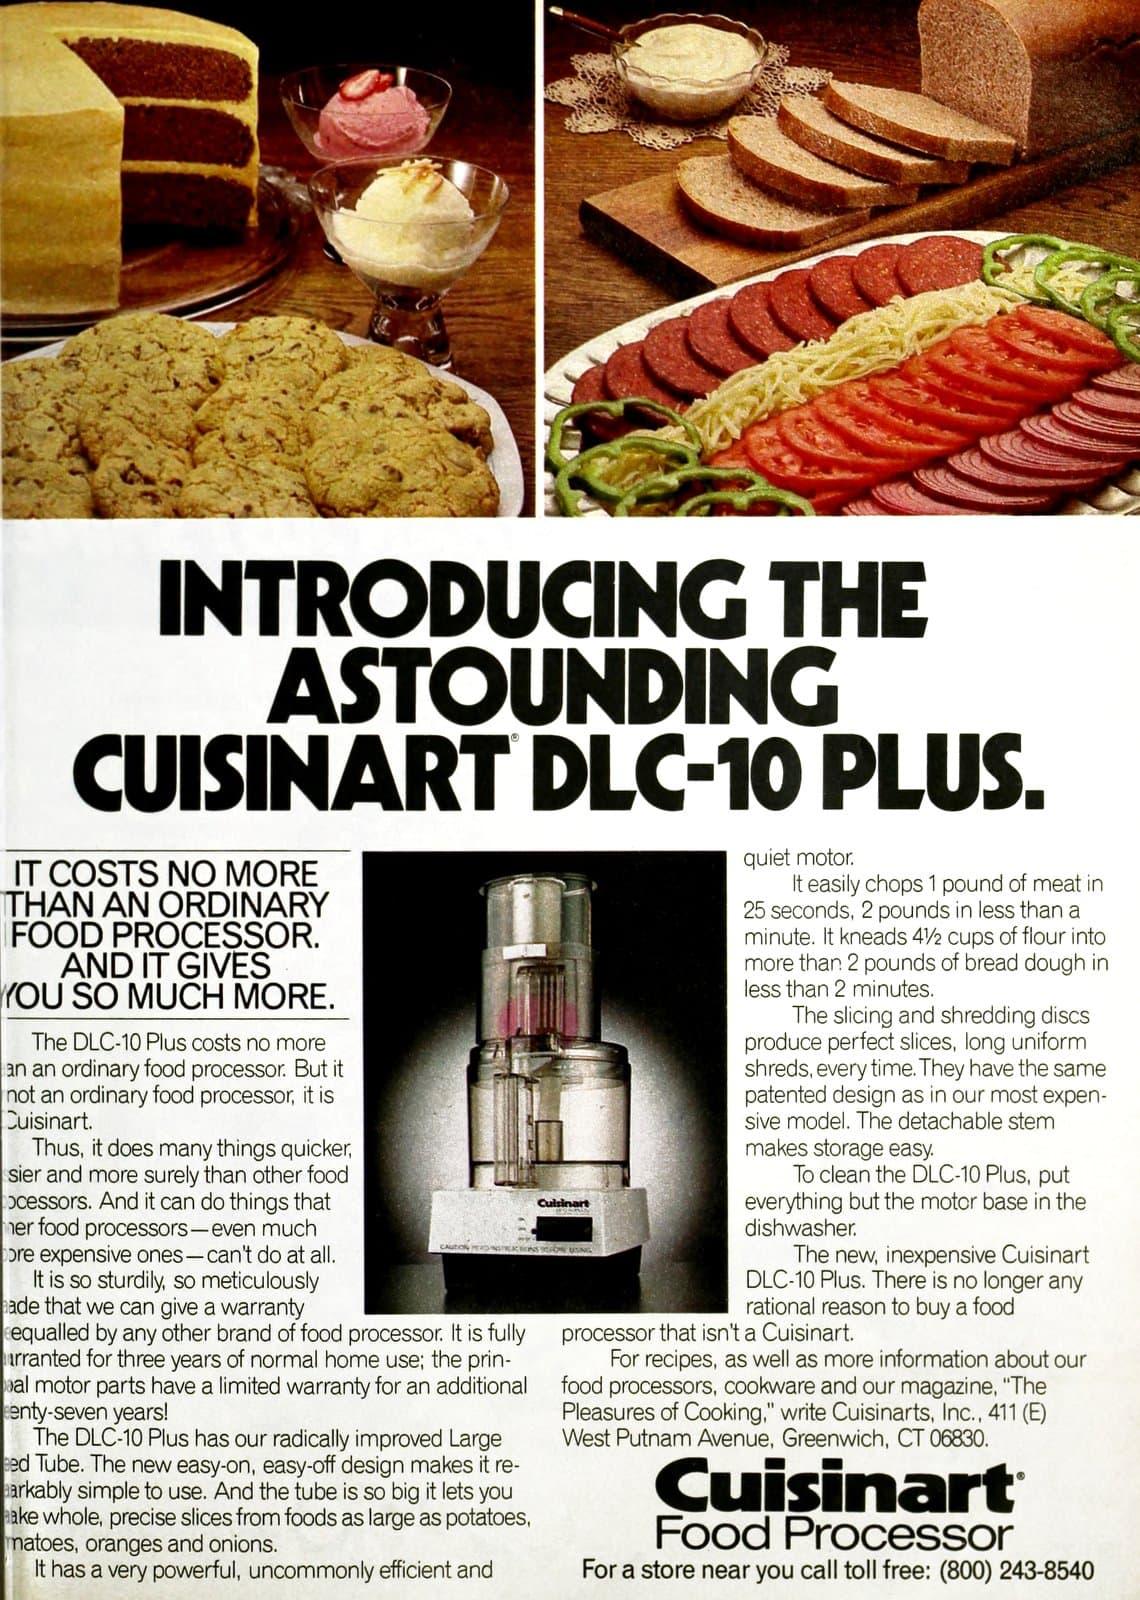 Introducing the astounding Cuisinart DLC-10 Plus (1984)